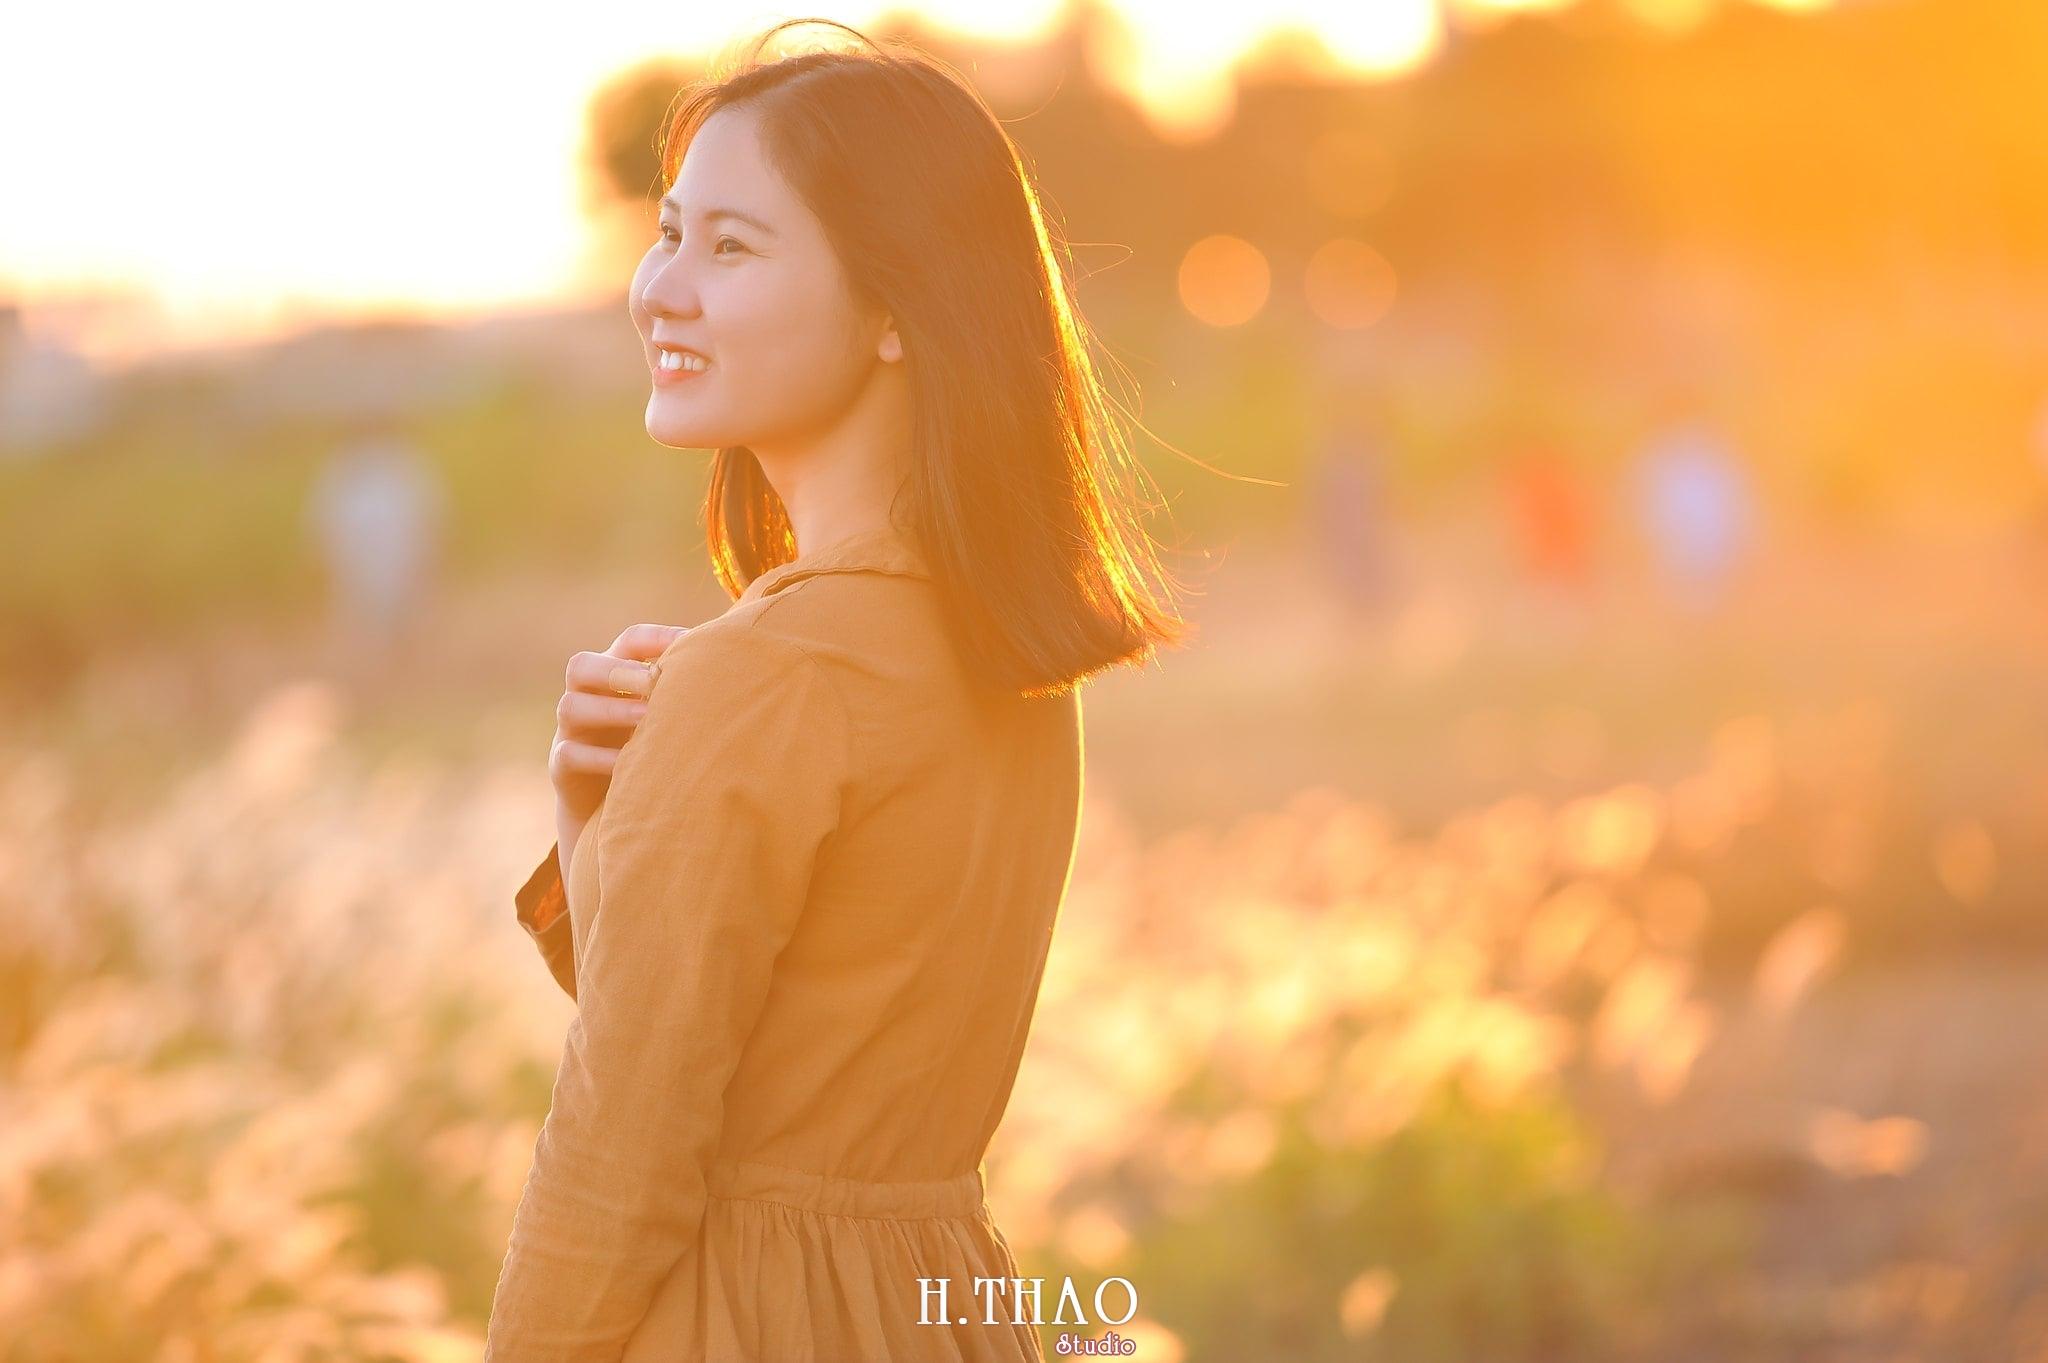 Co lau quan 9 11 min - Góc ảnh cỏ lau quận 2 tuyệt đẹp với nắng chiều - HThao Studio